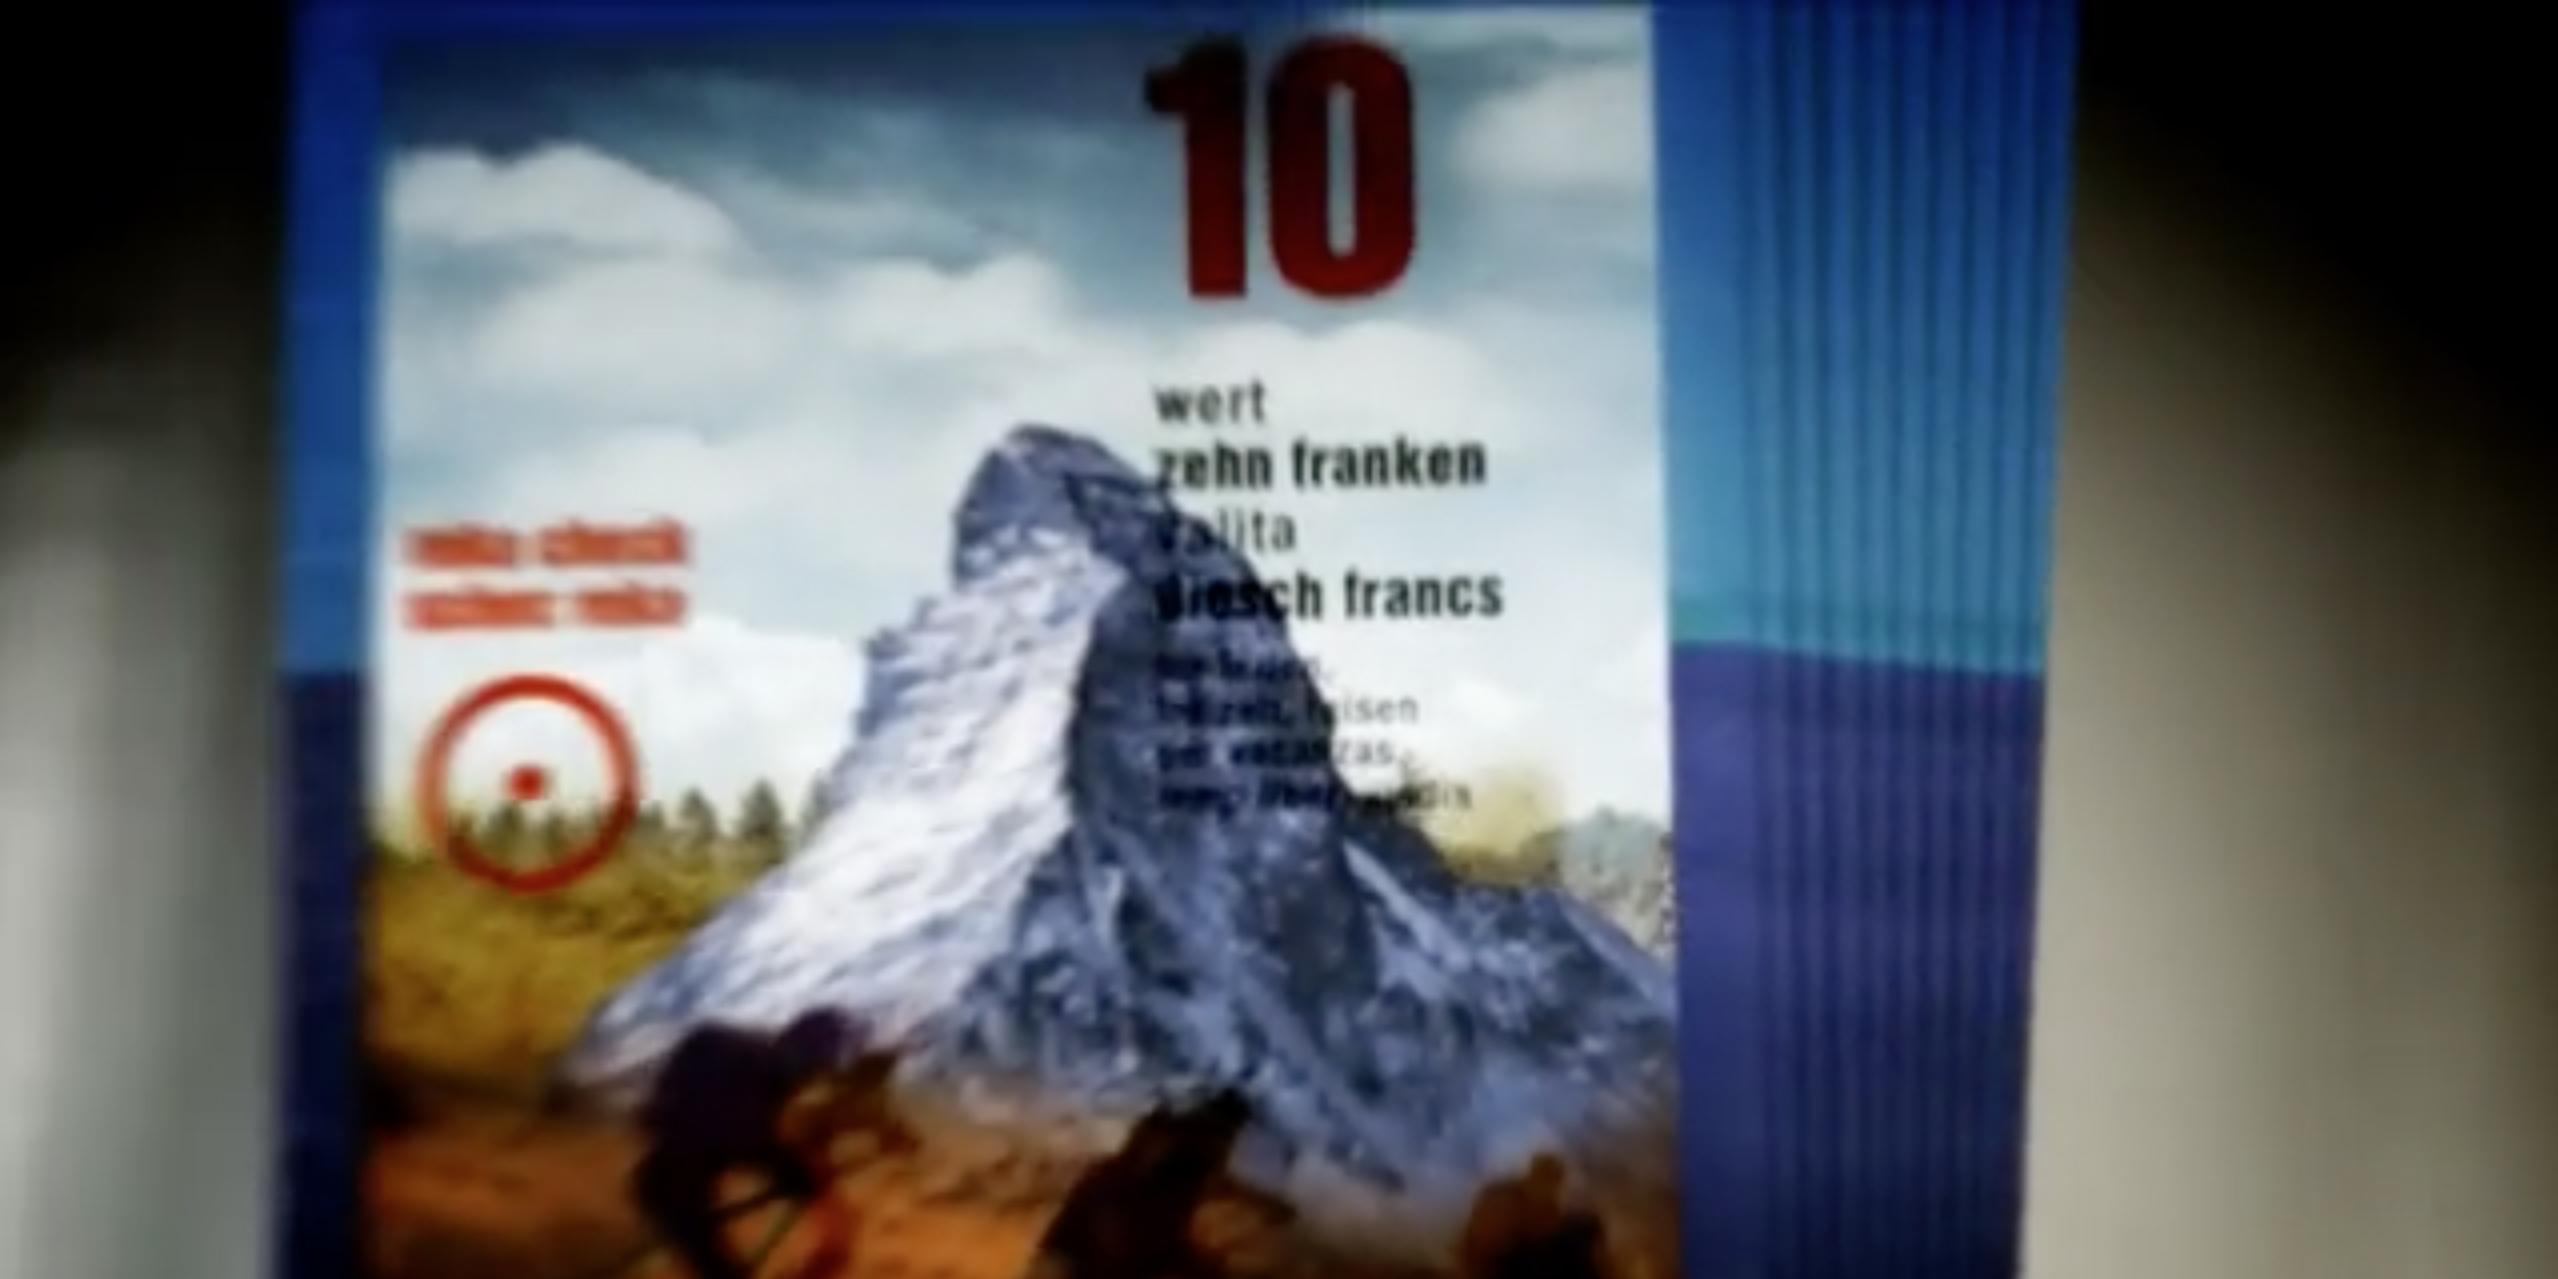 3D Animierter TV-Spot für Schweizer Reisekasse Reka by Werbeagentur Bern - Blitz & Donner